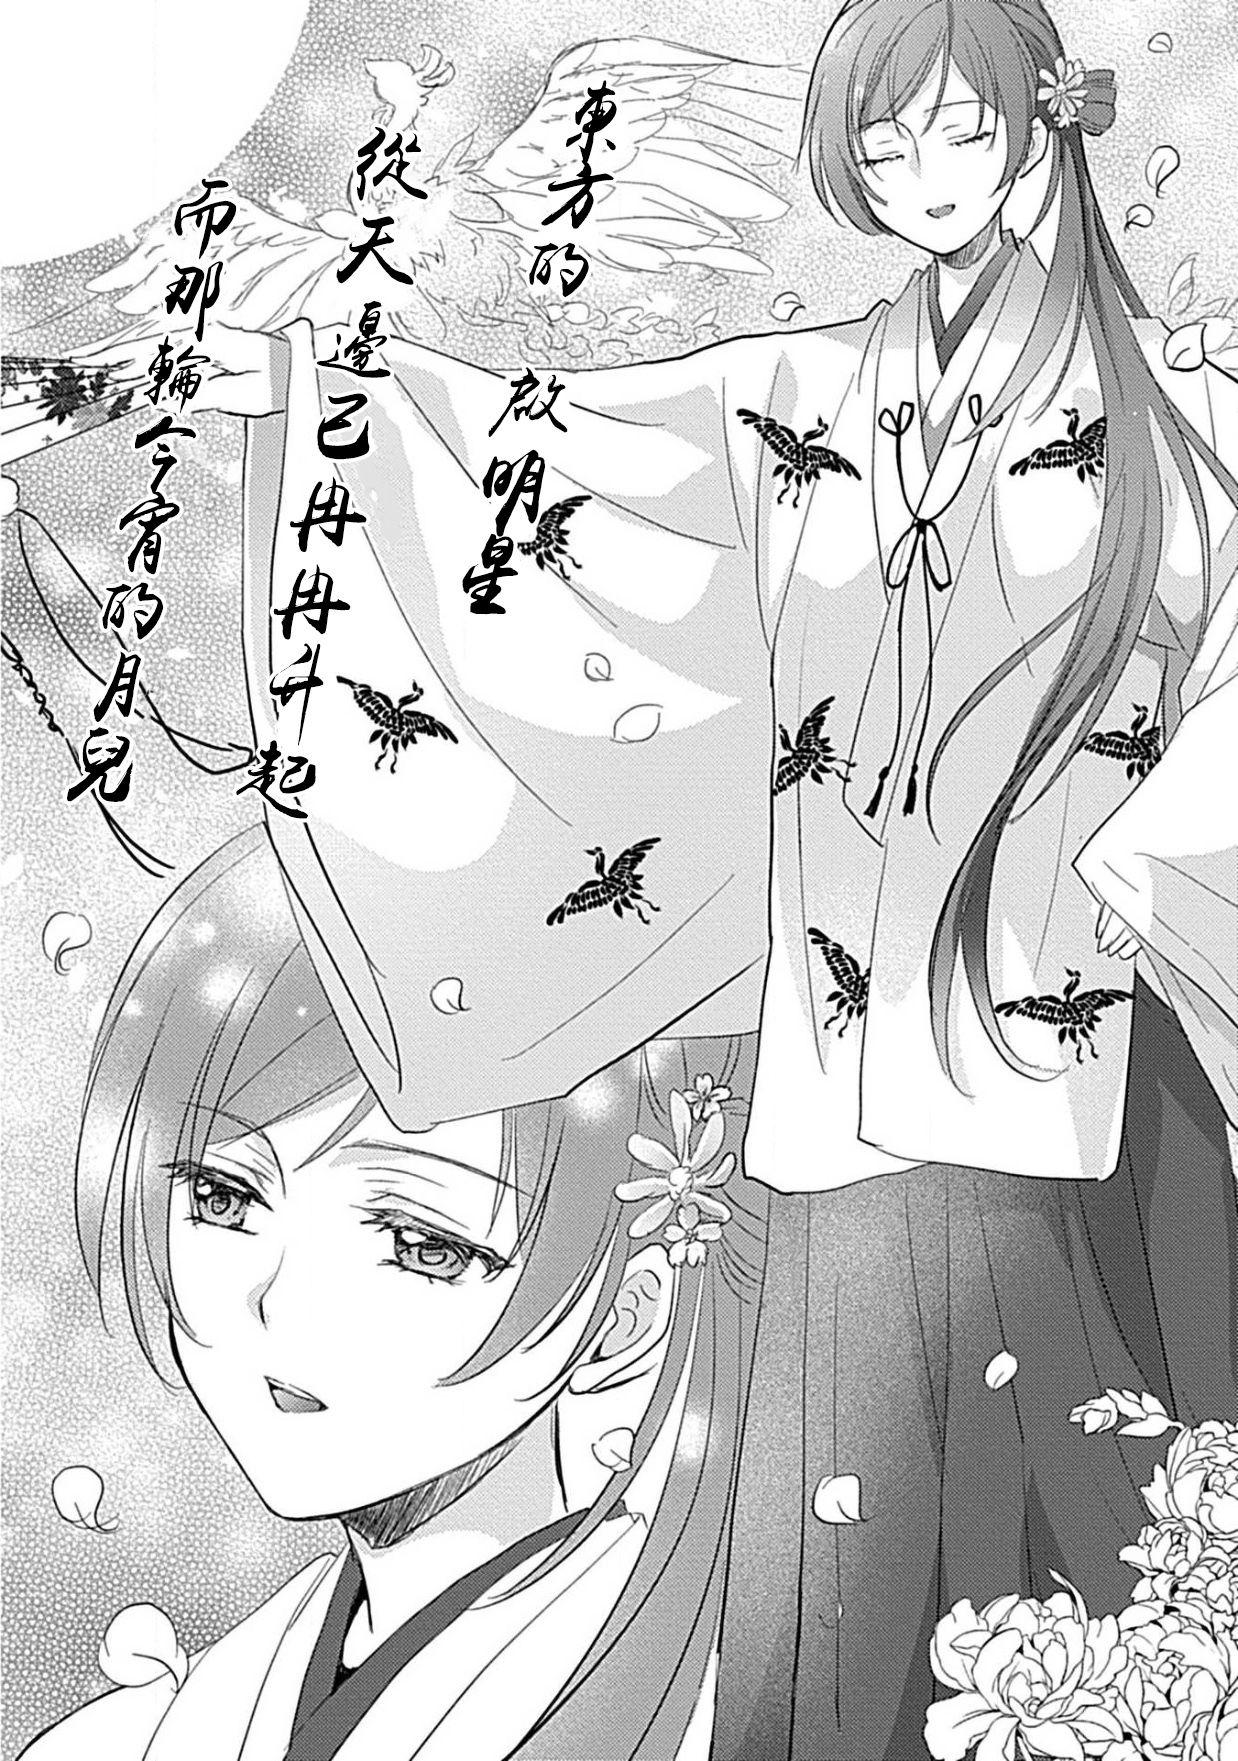 kyosei ranbu itoshi no kamisama ha amayaka ni osu deshita | 嬌聲亂舞 深愛的神明大人甜寵且英勇 28